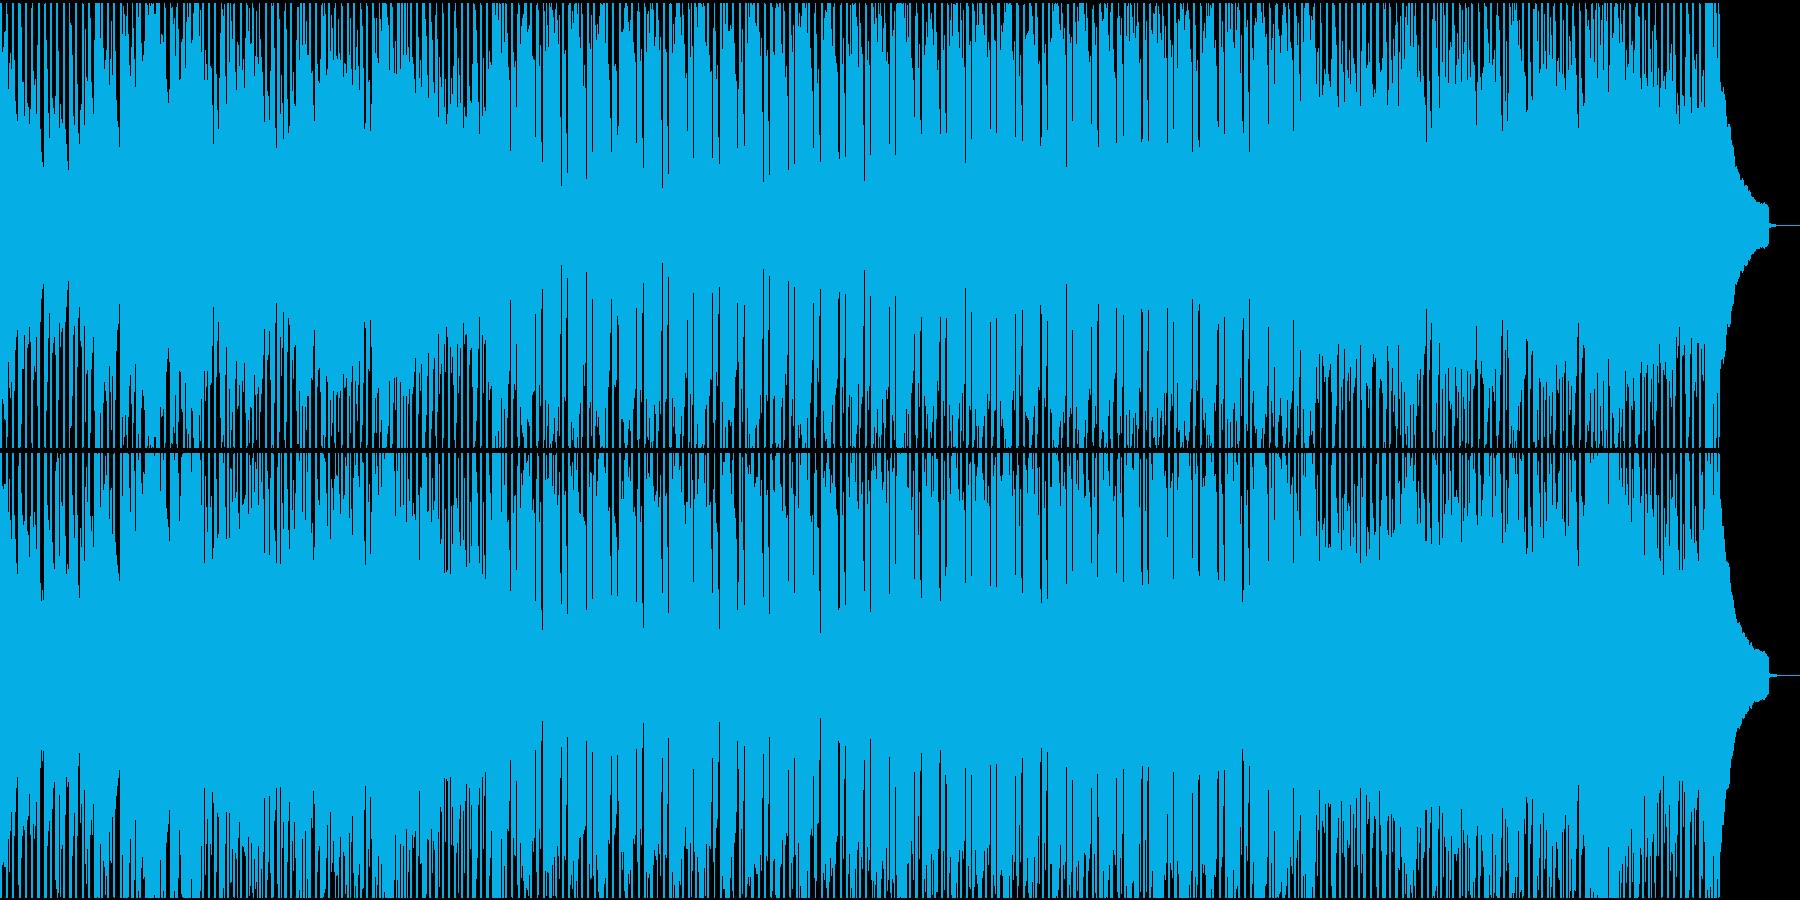 ピアノで華やかにスタートのオープニングの再生済みの波形